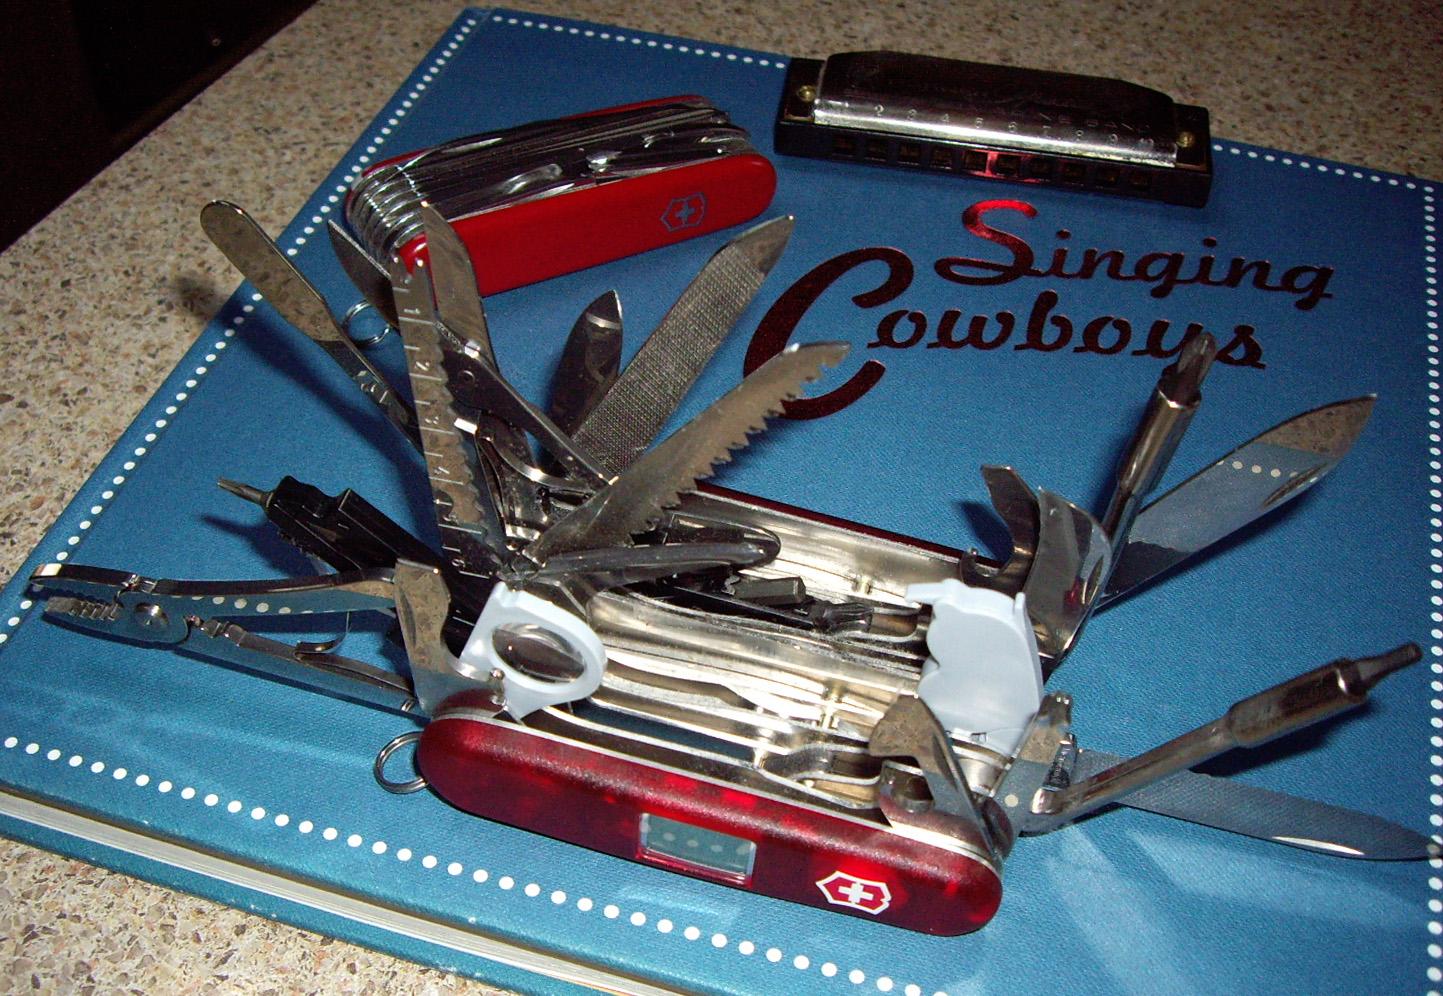 Swiss Army Knife - SwissChamp XAVT, June 14, 2008